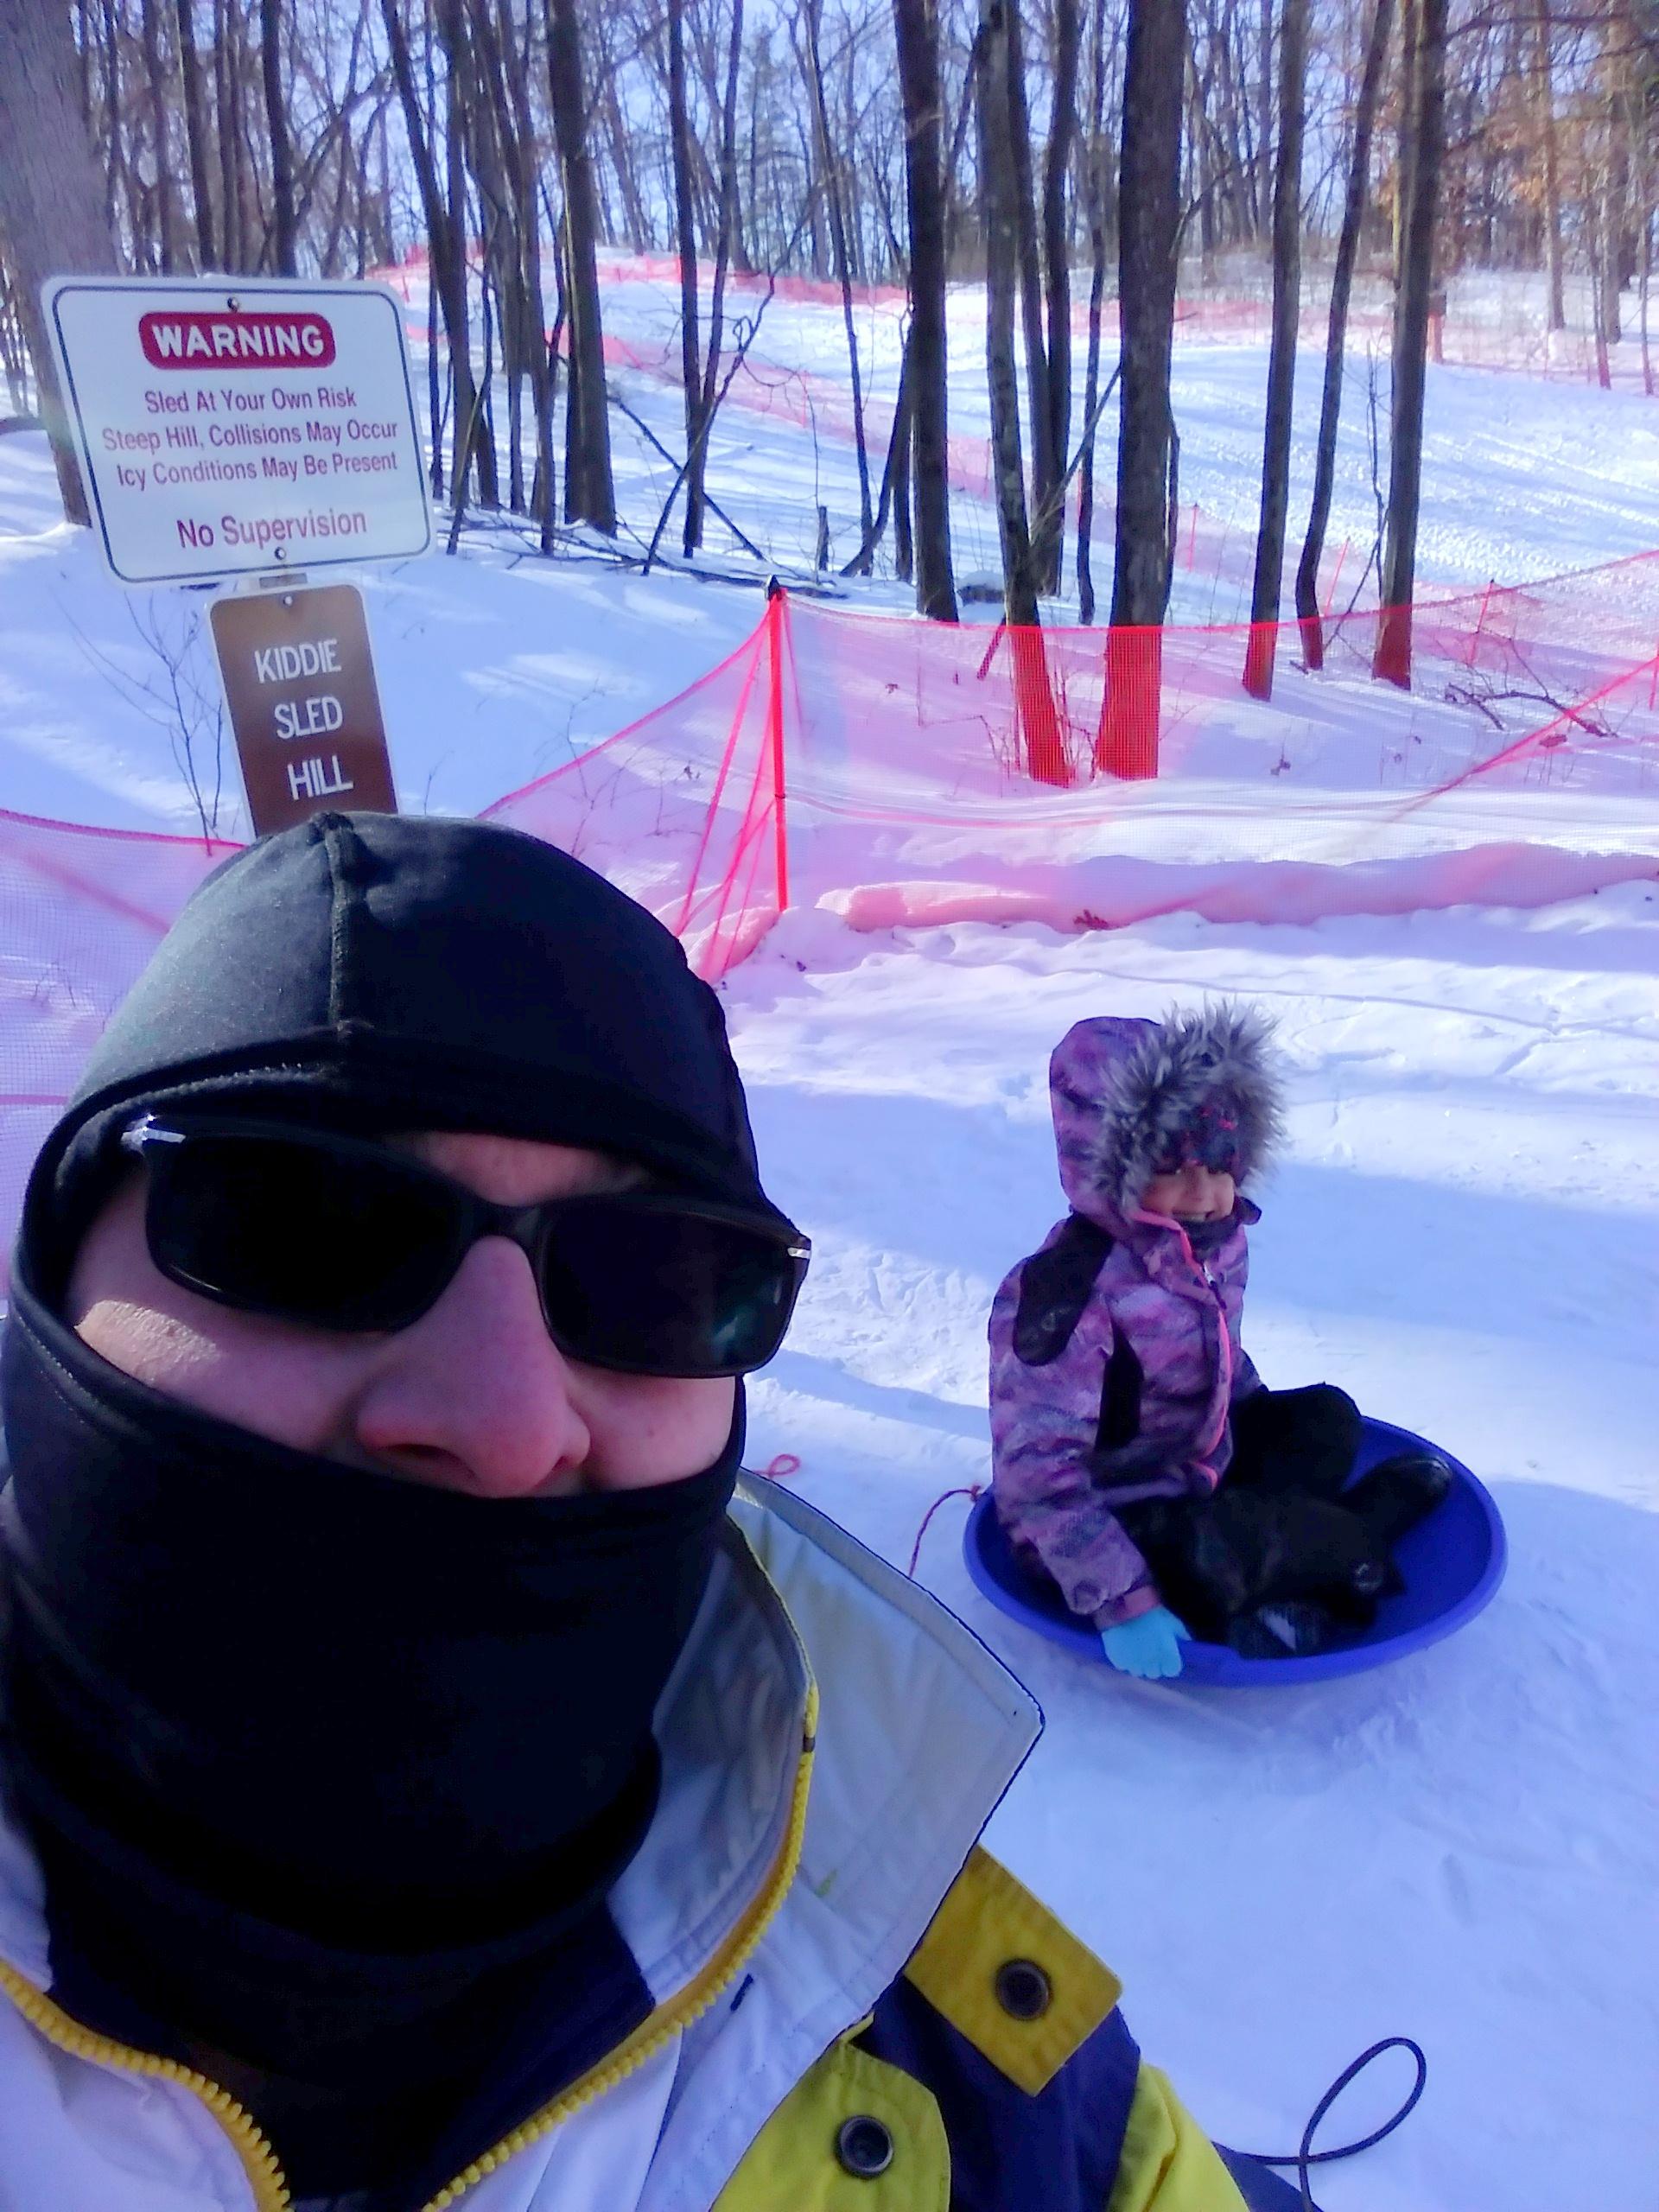 selfie at lost lake kiddie hill